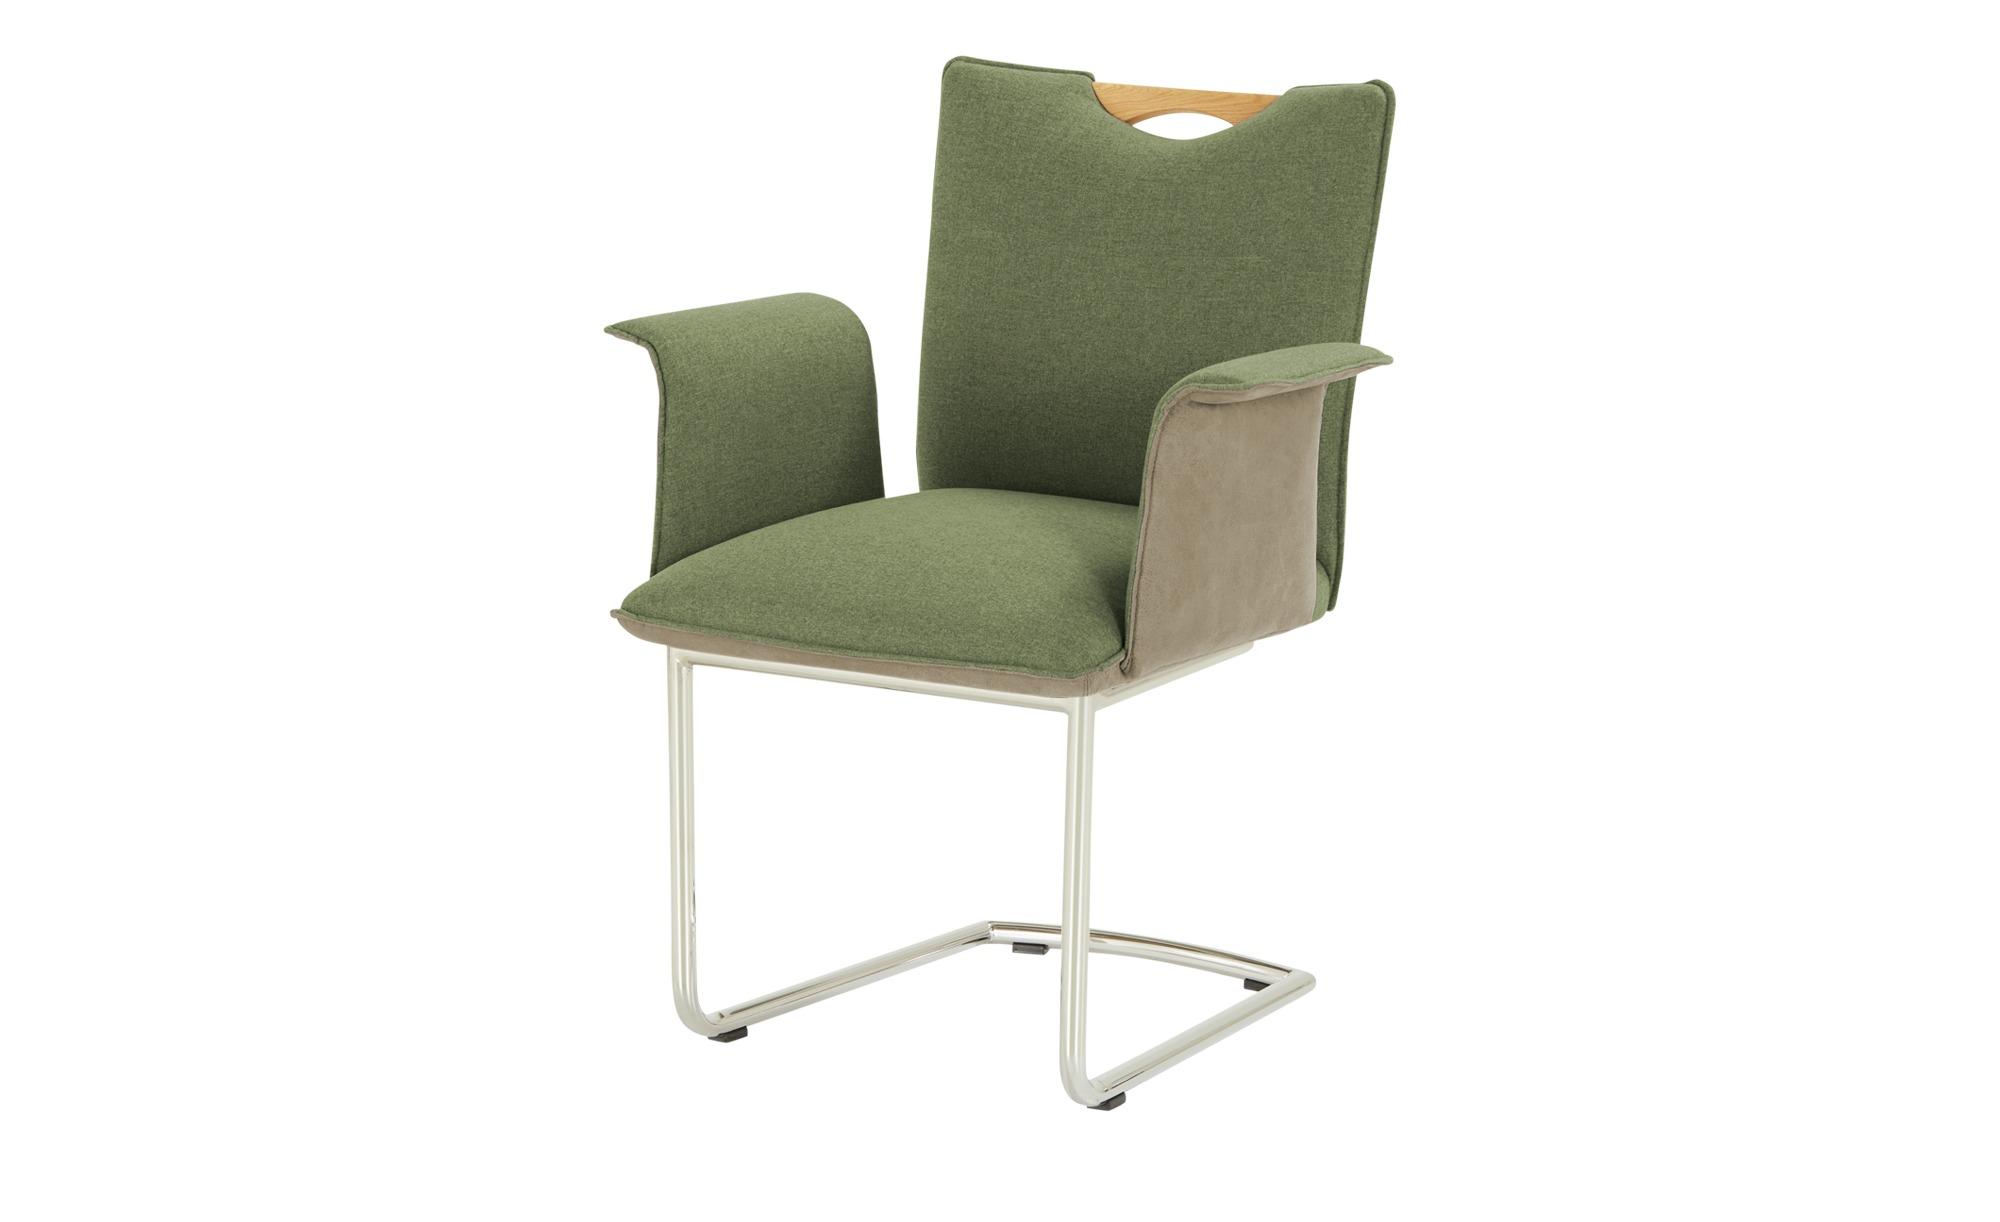 Wohnwert Polsterstuhl mit Armlehne  Scandio ¦ grün Stühle > Freischwinger - günstig online kaufen